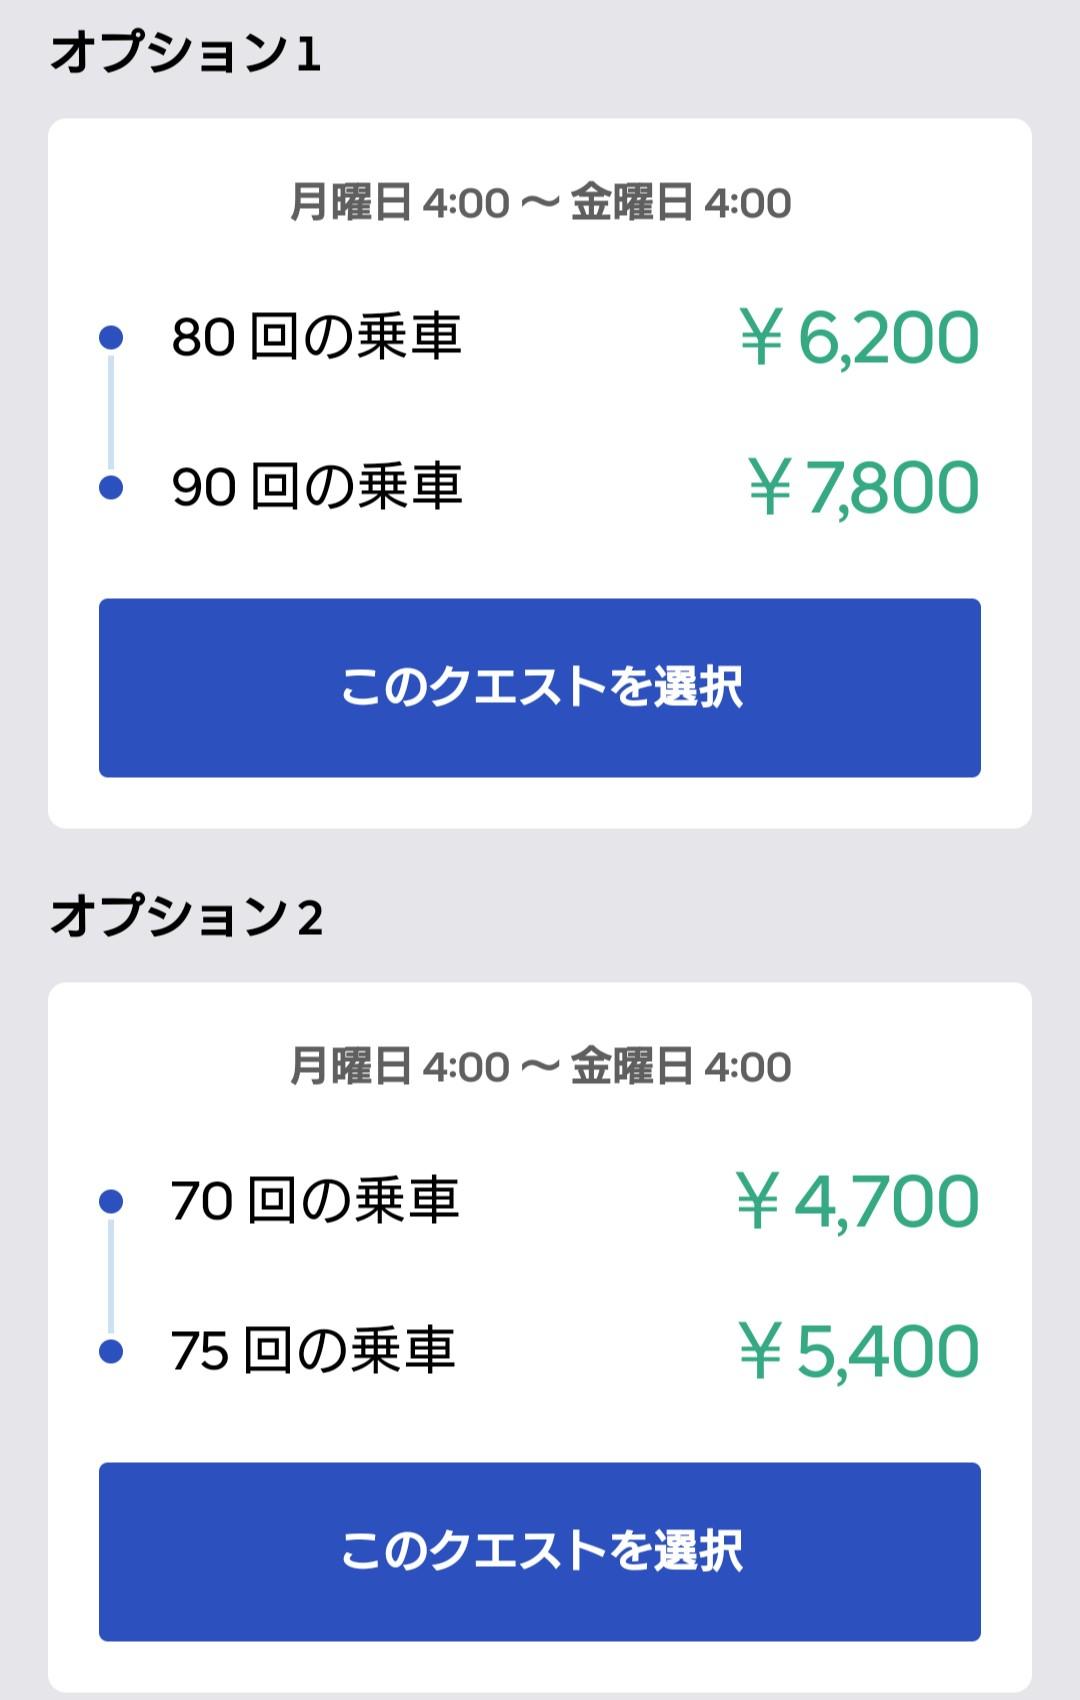 UberEats料金改定後のクエスト